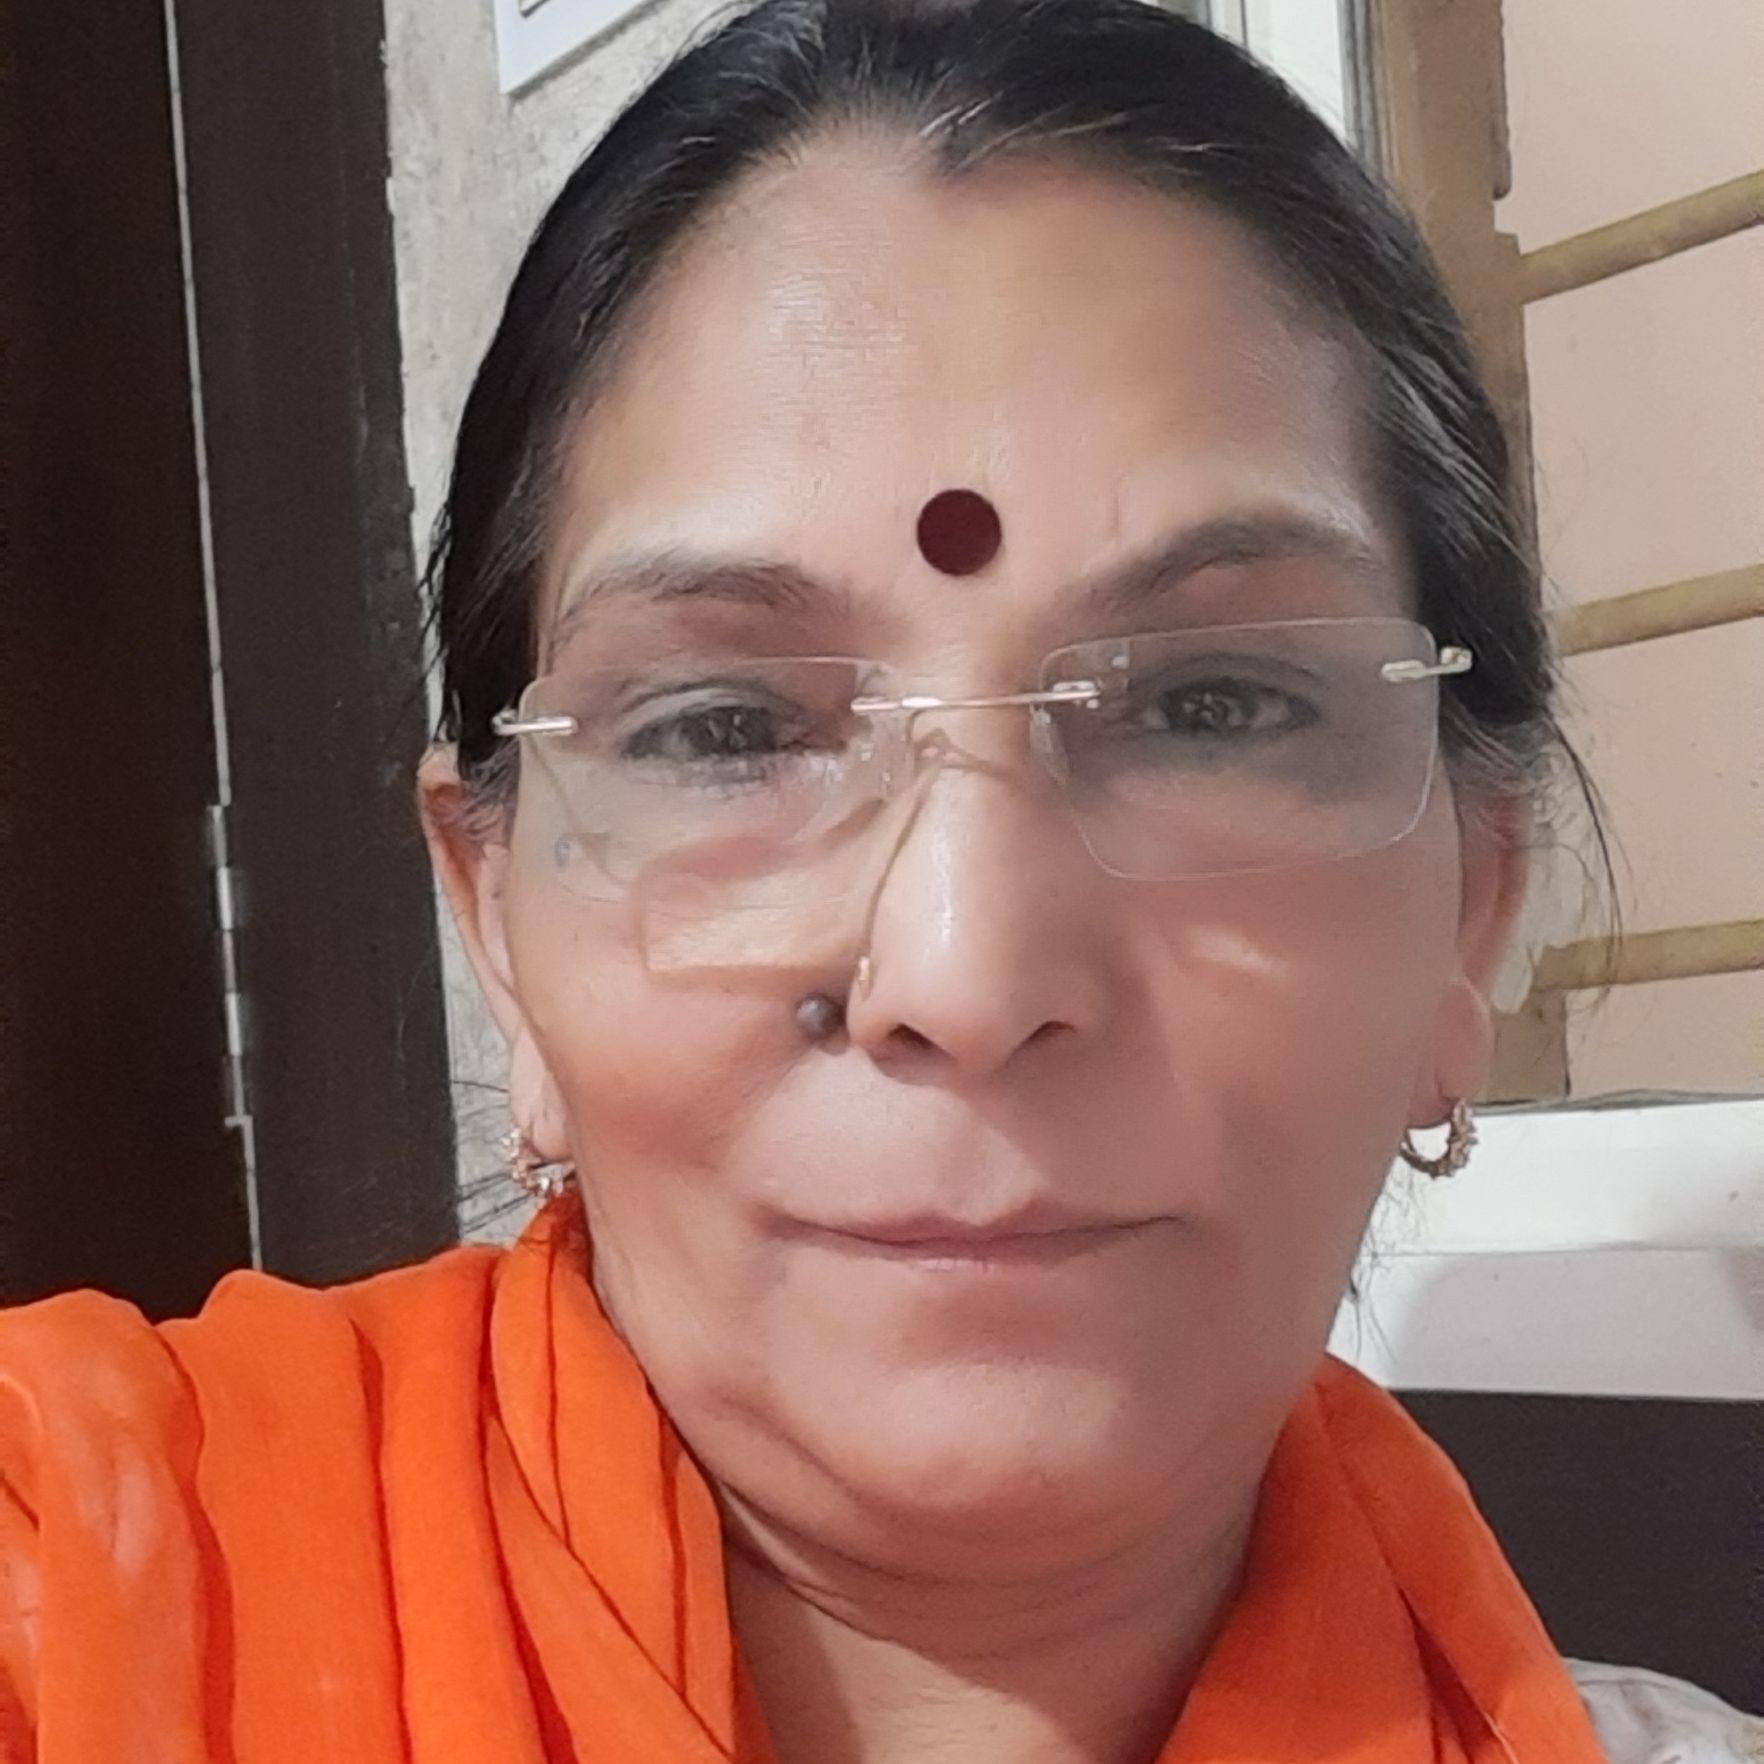 Smt. Vedricha Upadhyay